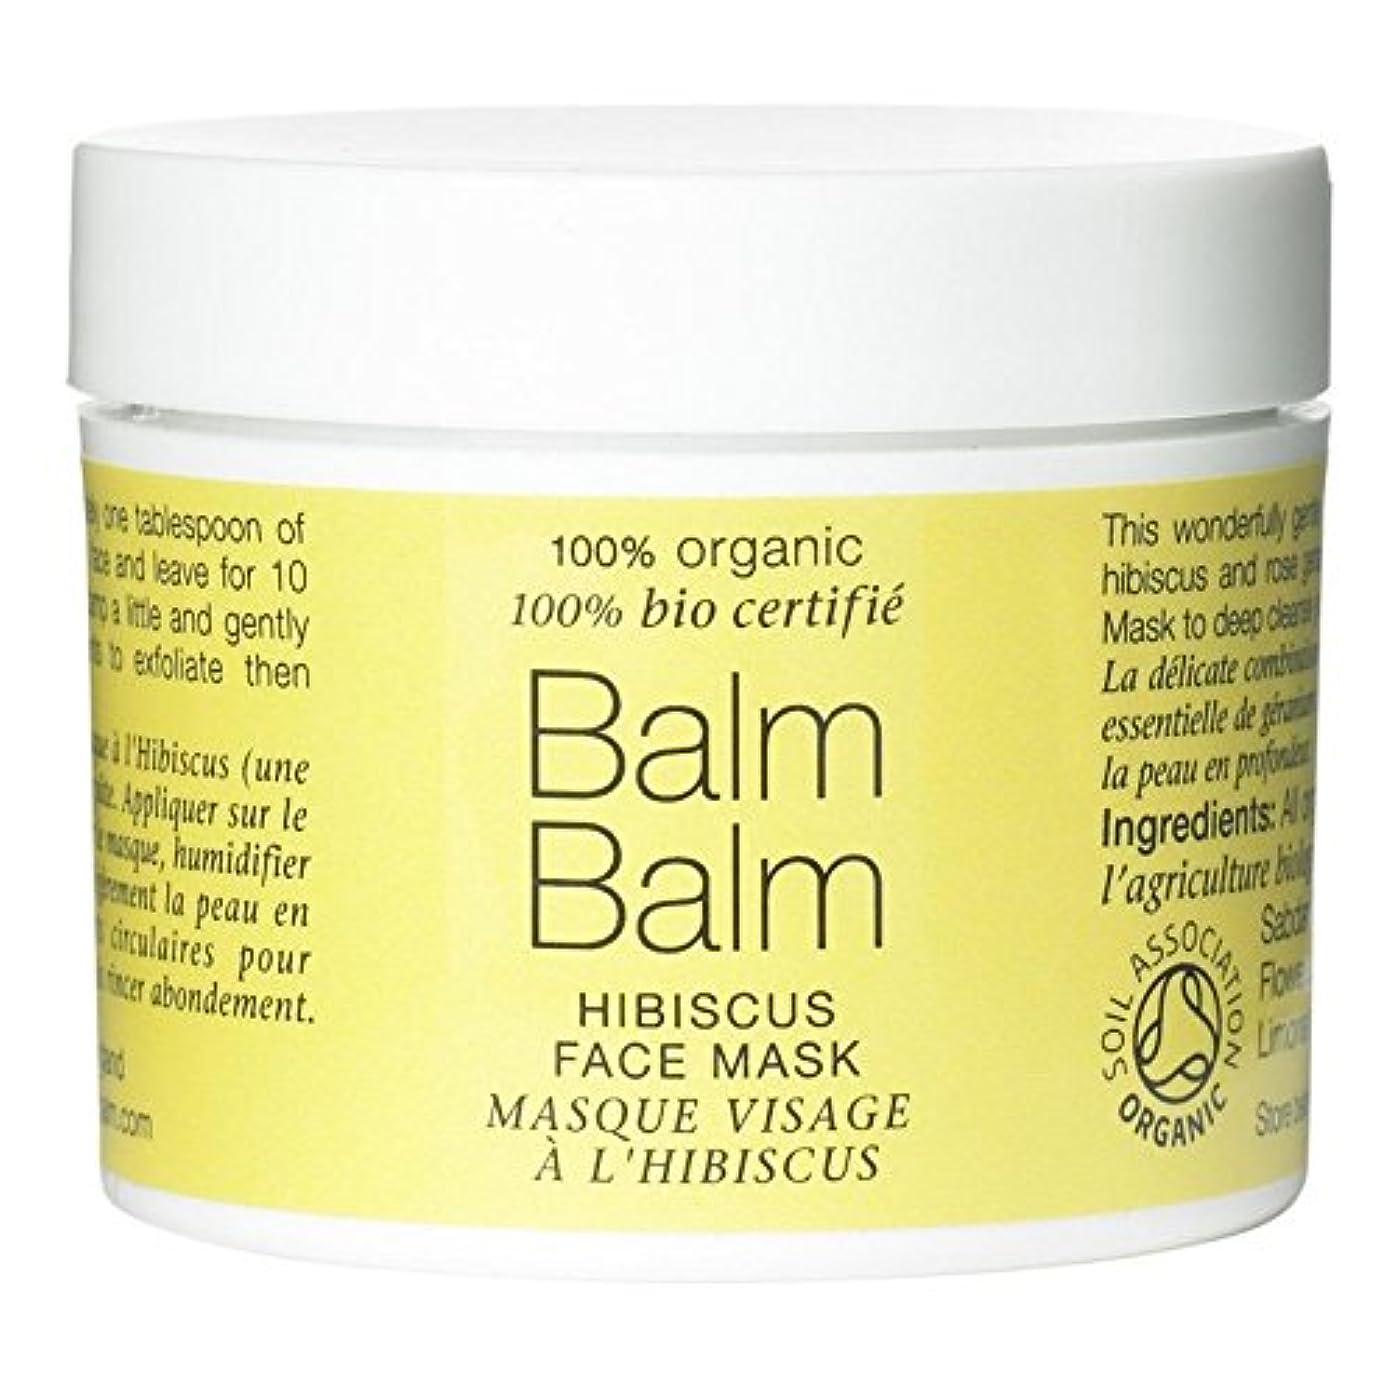 服イディオム寝具バームバームオーガニックハイビスカスフェイスマスク100グラム x4 - Balm Balm Organic Hibiscus Face Mask 100g (Pack of 4) [並行輸入品]